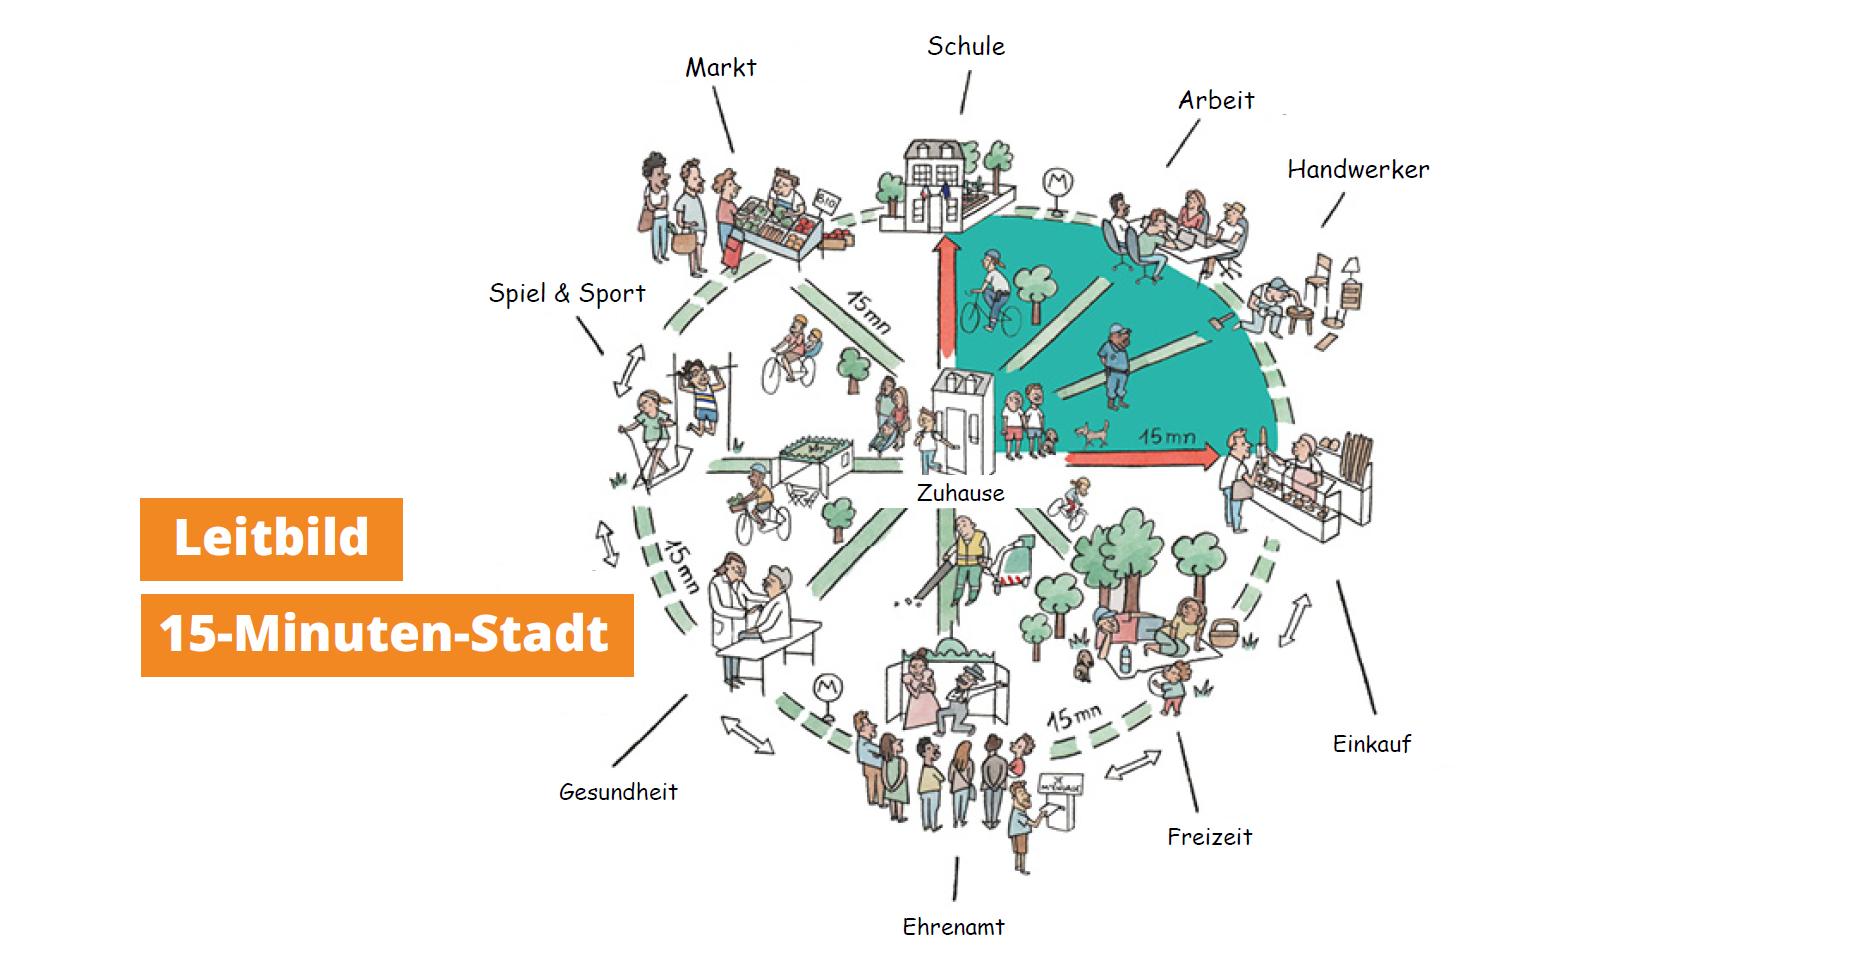 Sollte Bochum zur 15-Minuten-Stadt werden?